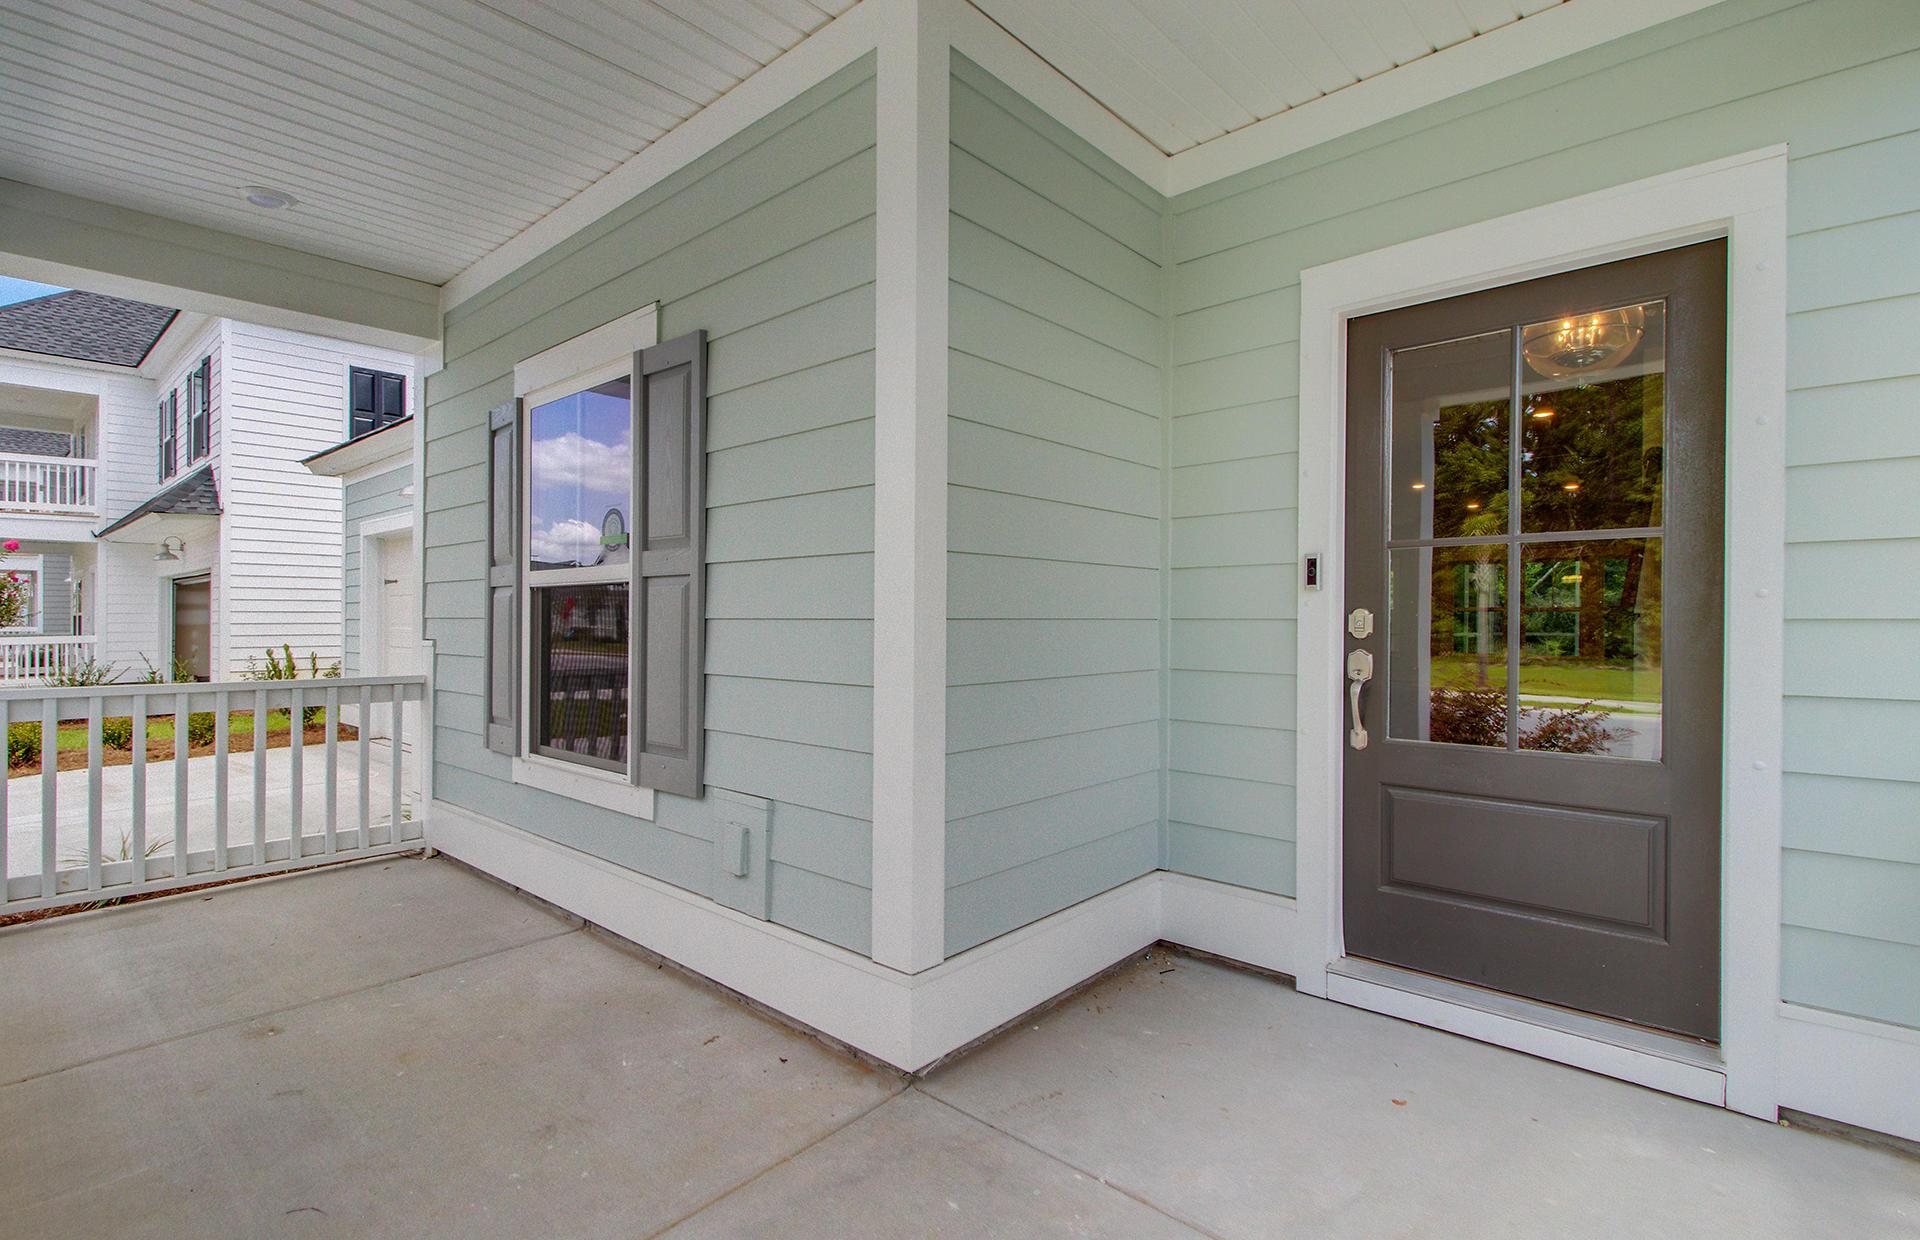 Park West Homes For Sale - 3013 Caspian, Mount Pleasant, SC - 49